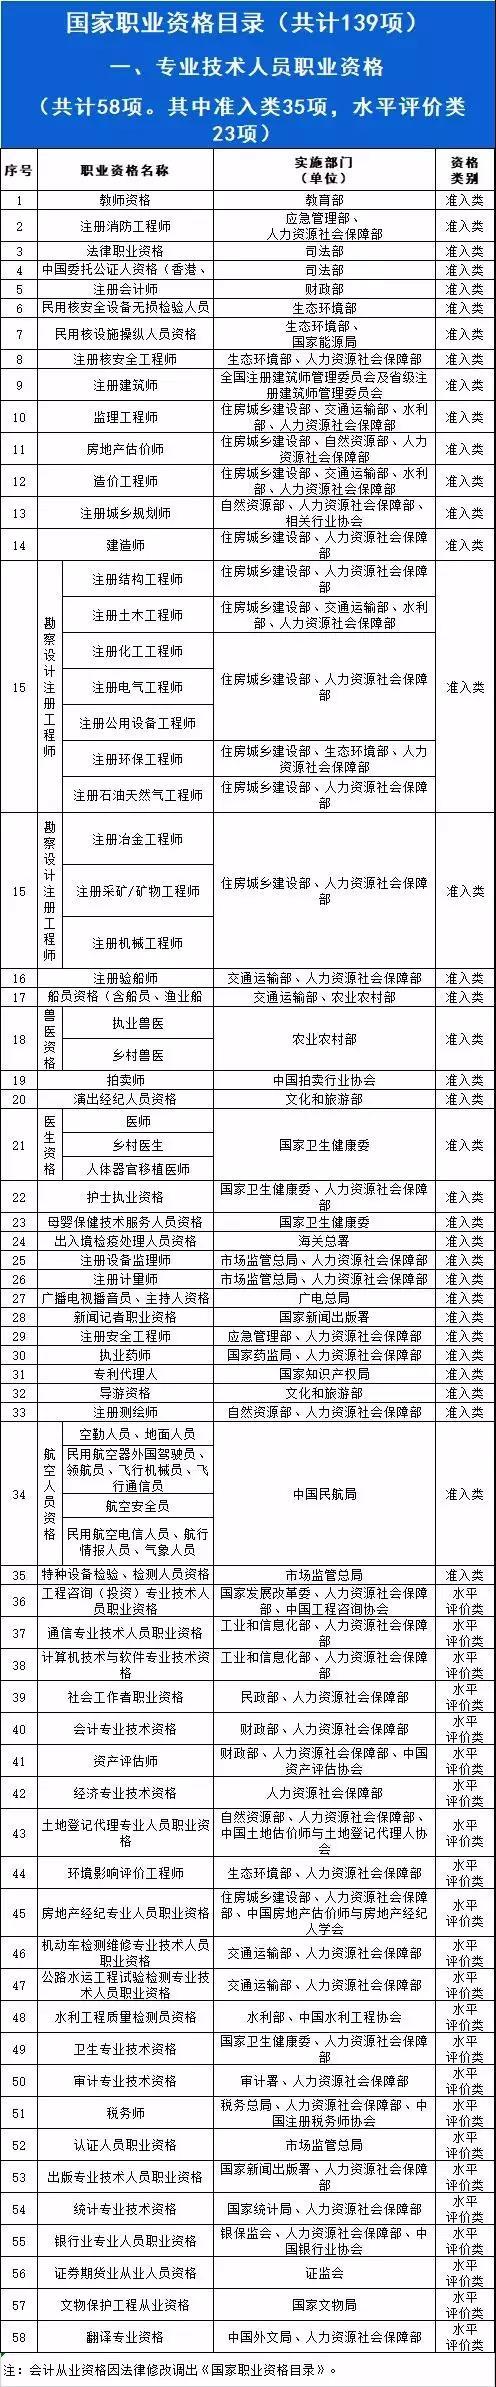 2019年全部职业资格目录